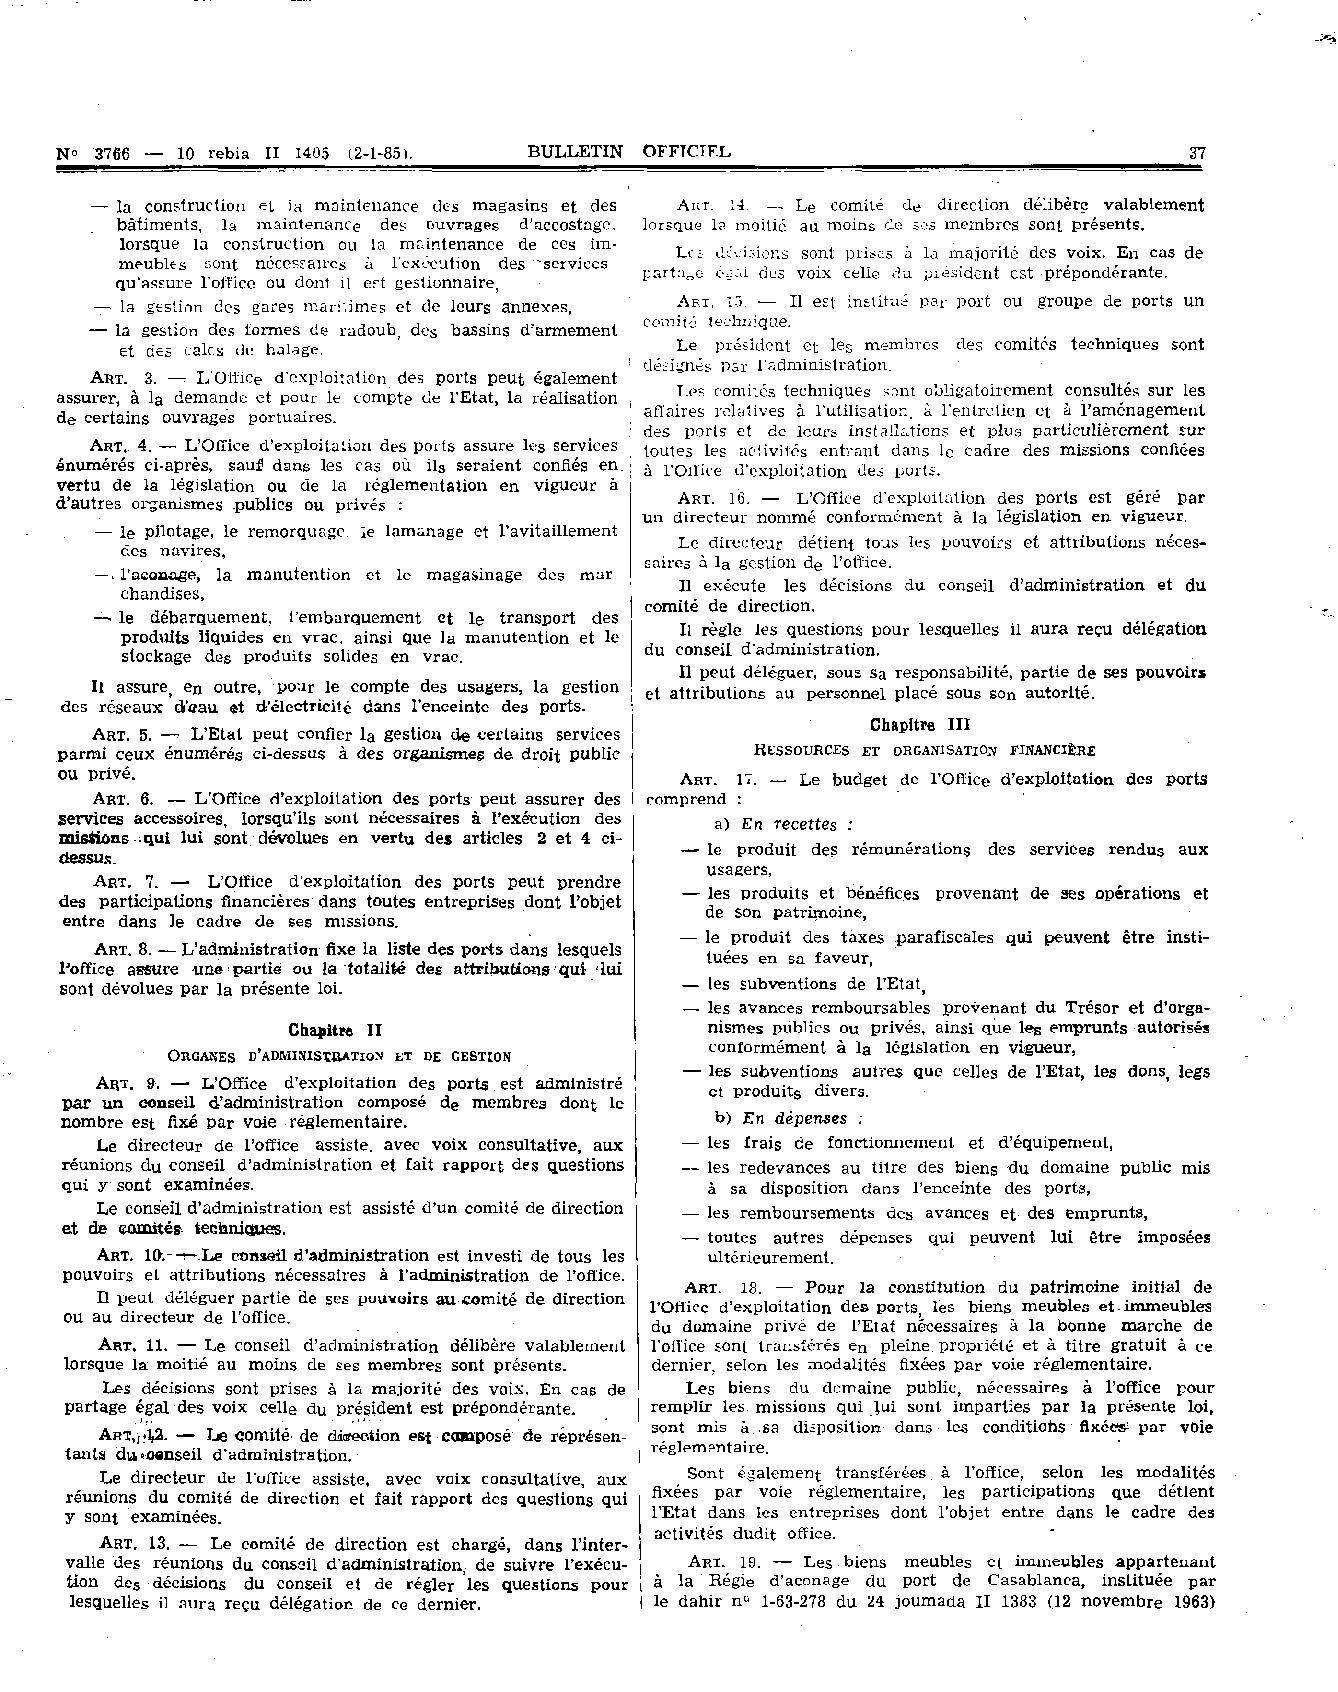 les-prix-maxima-des-acte-et-service-medicaux-dans-le-secteur-prive-037